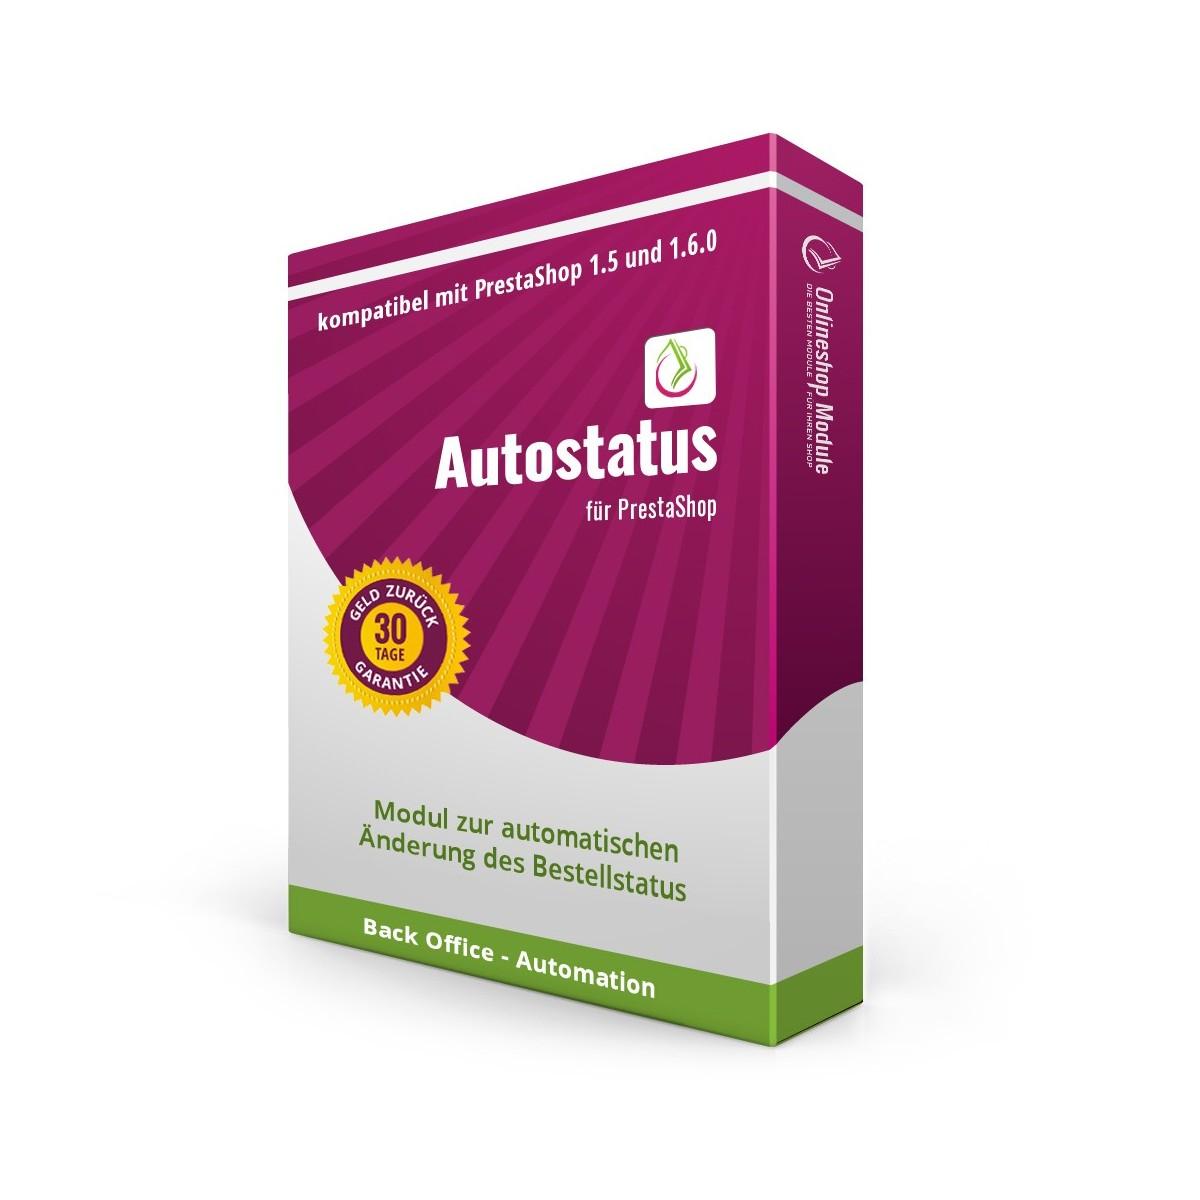 Autostatus für PrestaShop 1.5/1.6.0, Modul zur automatischen Änderung des Bestellstatus